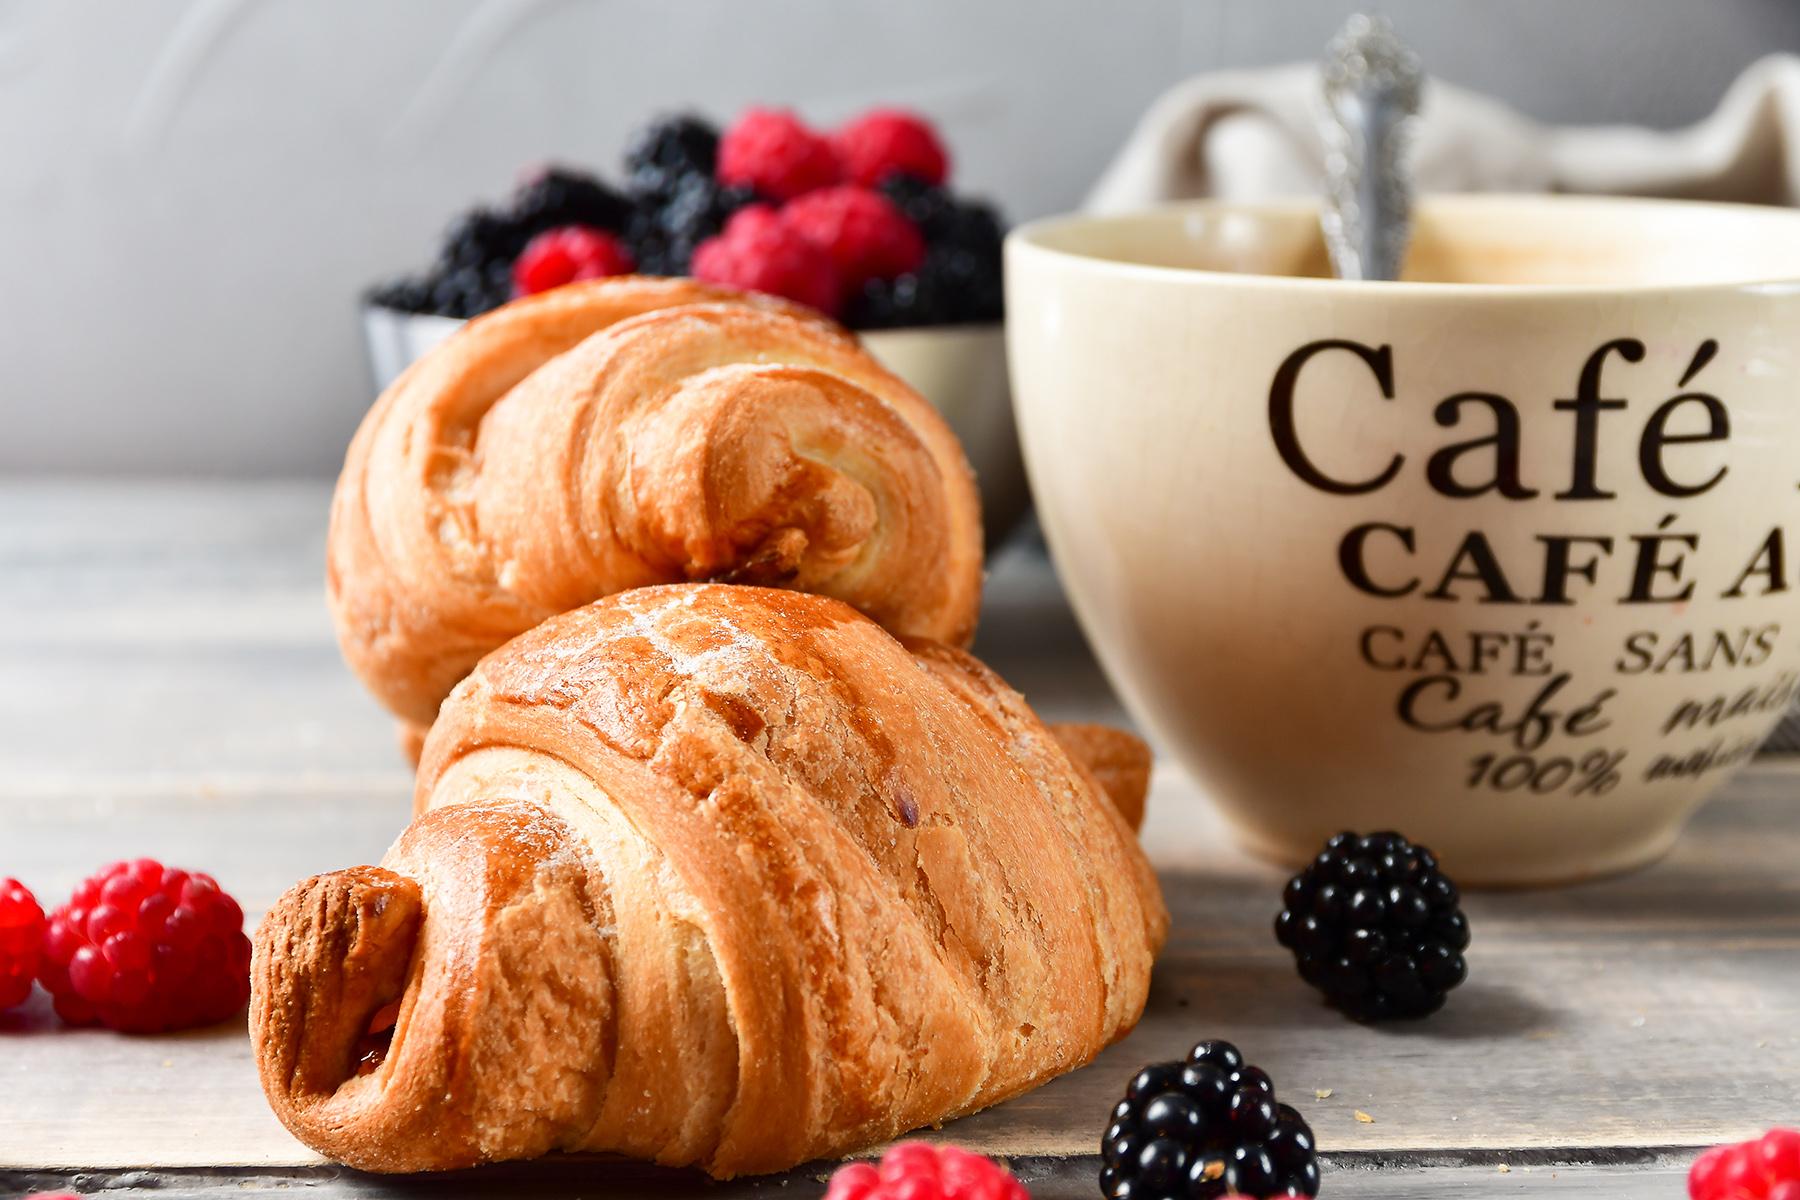 French breakfast: croissants and café au lait